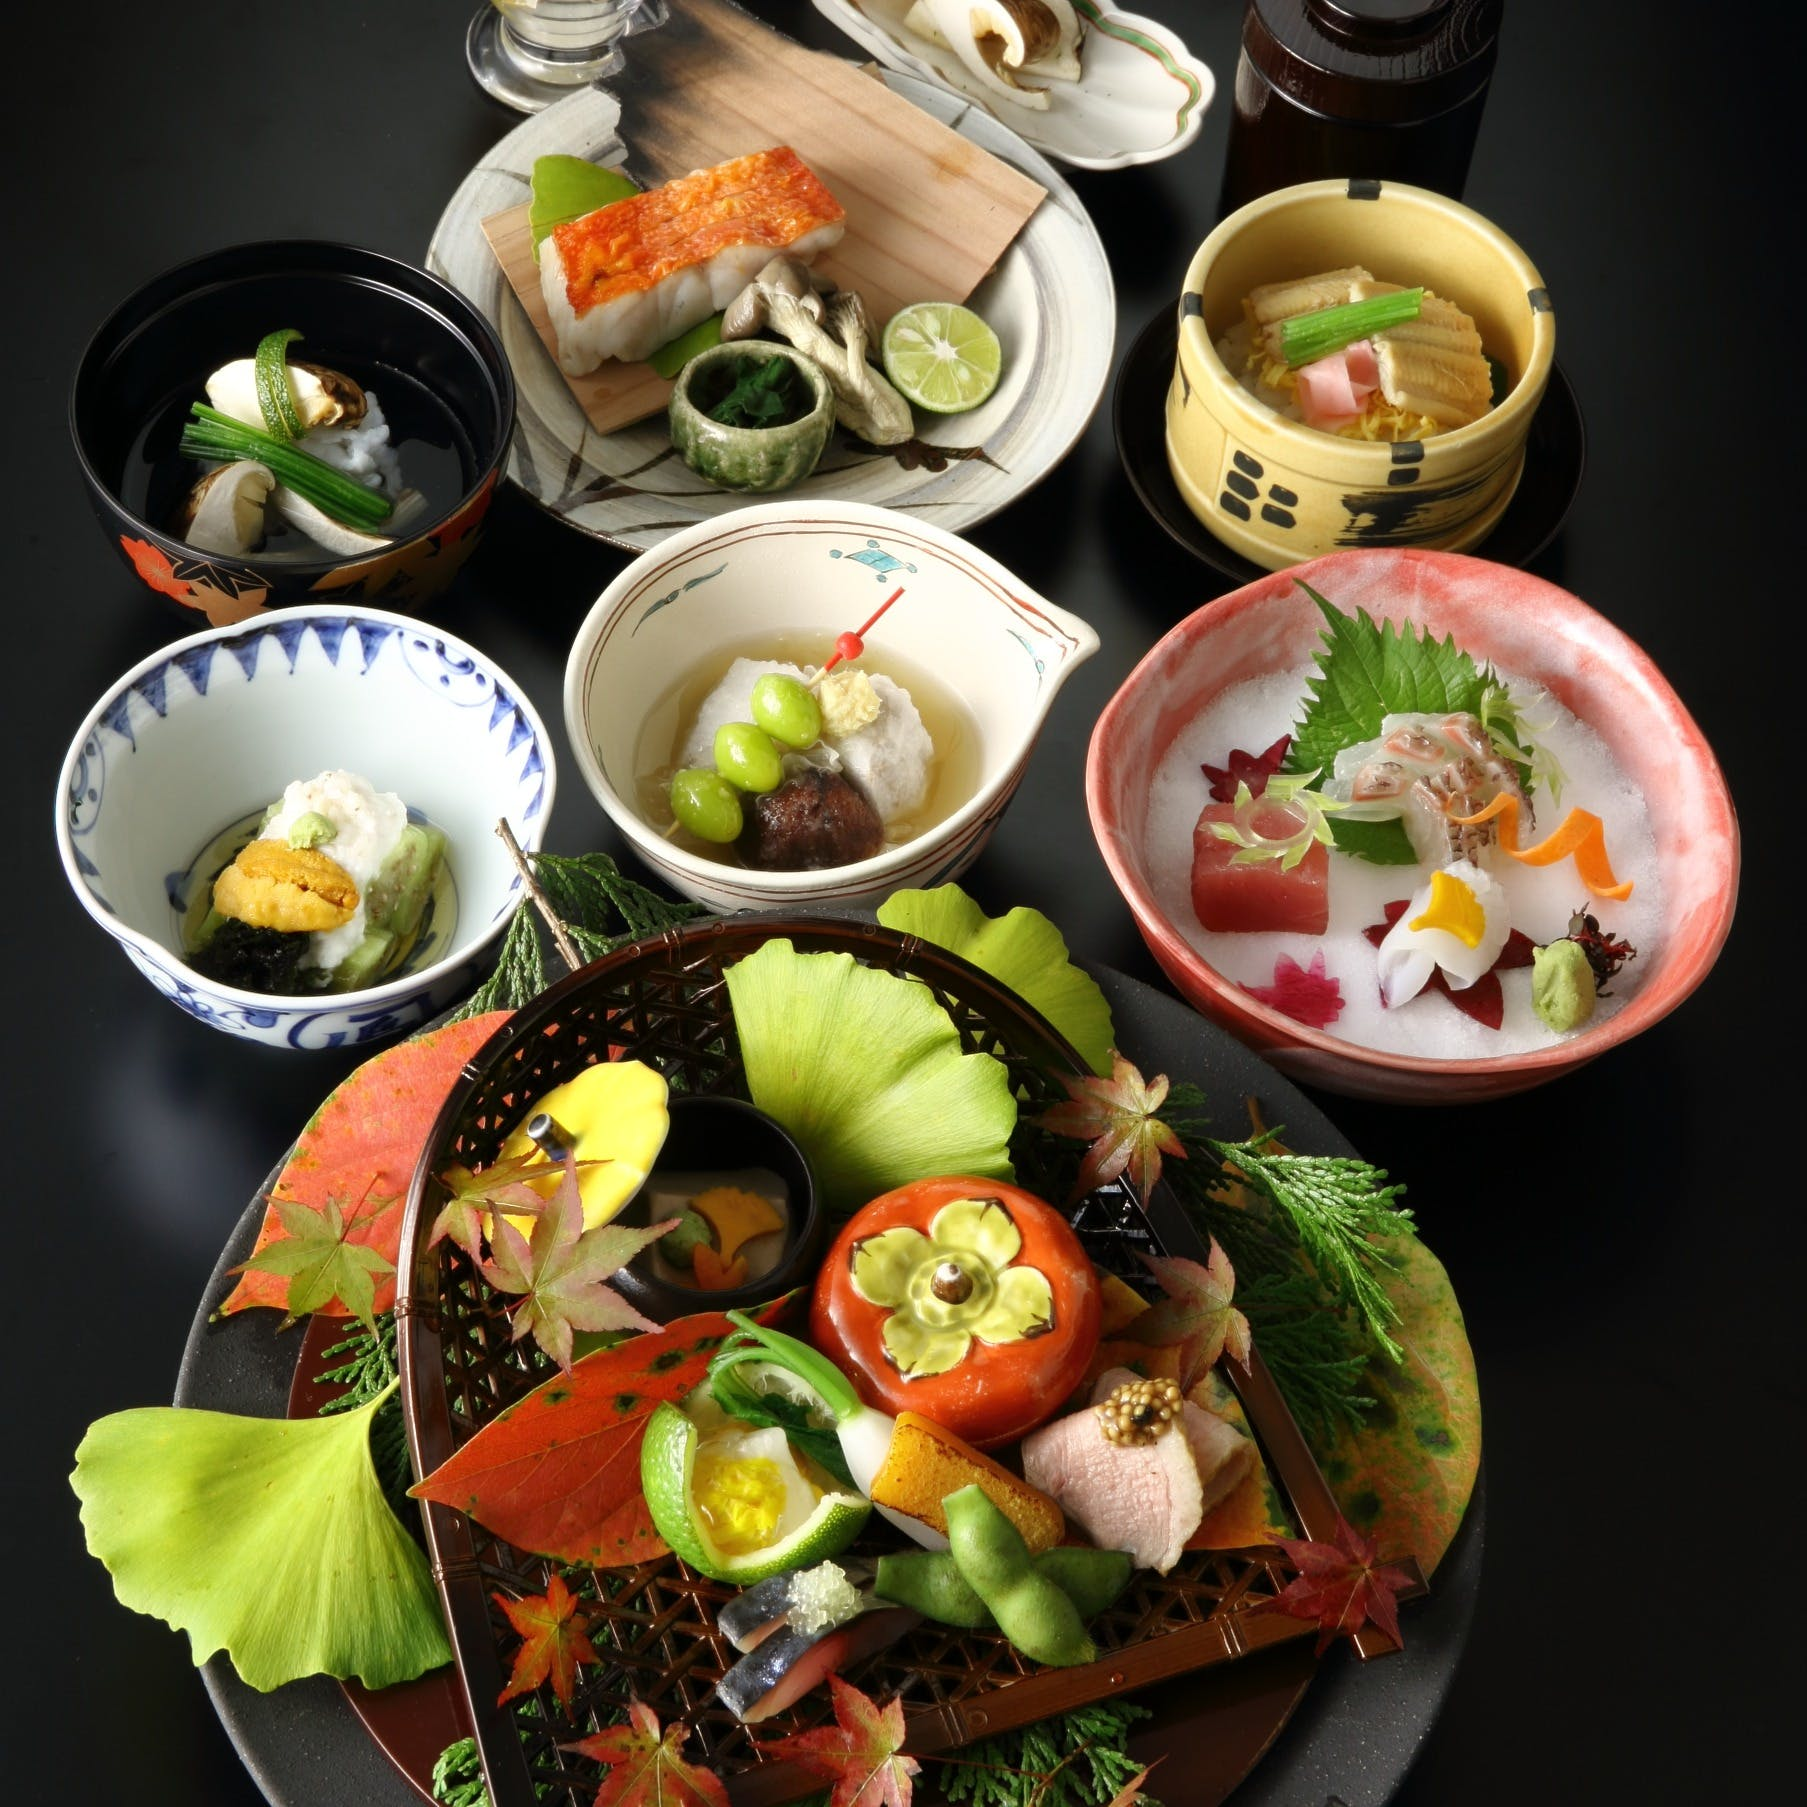 料理人の繊細な技が冴える日本料理の粋を堪能